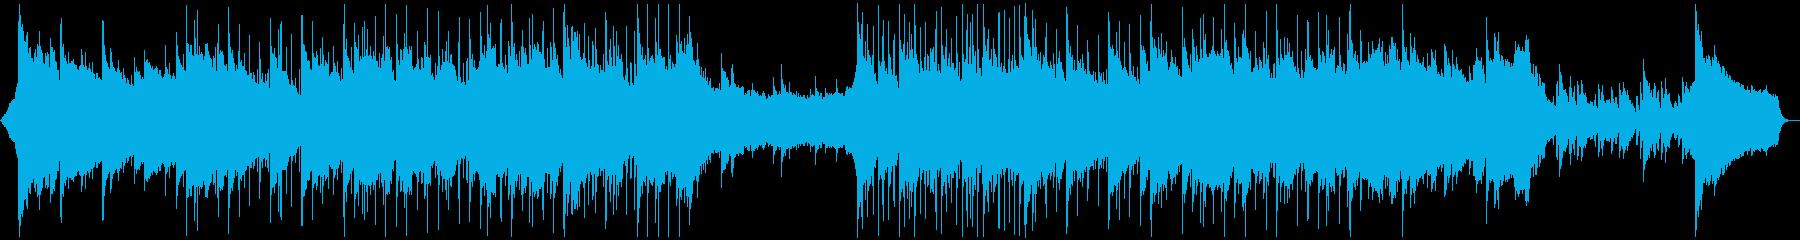 ピアノが優しく前向きなあたたかい曲の再生済みの波形